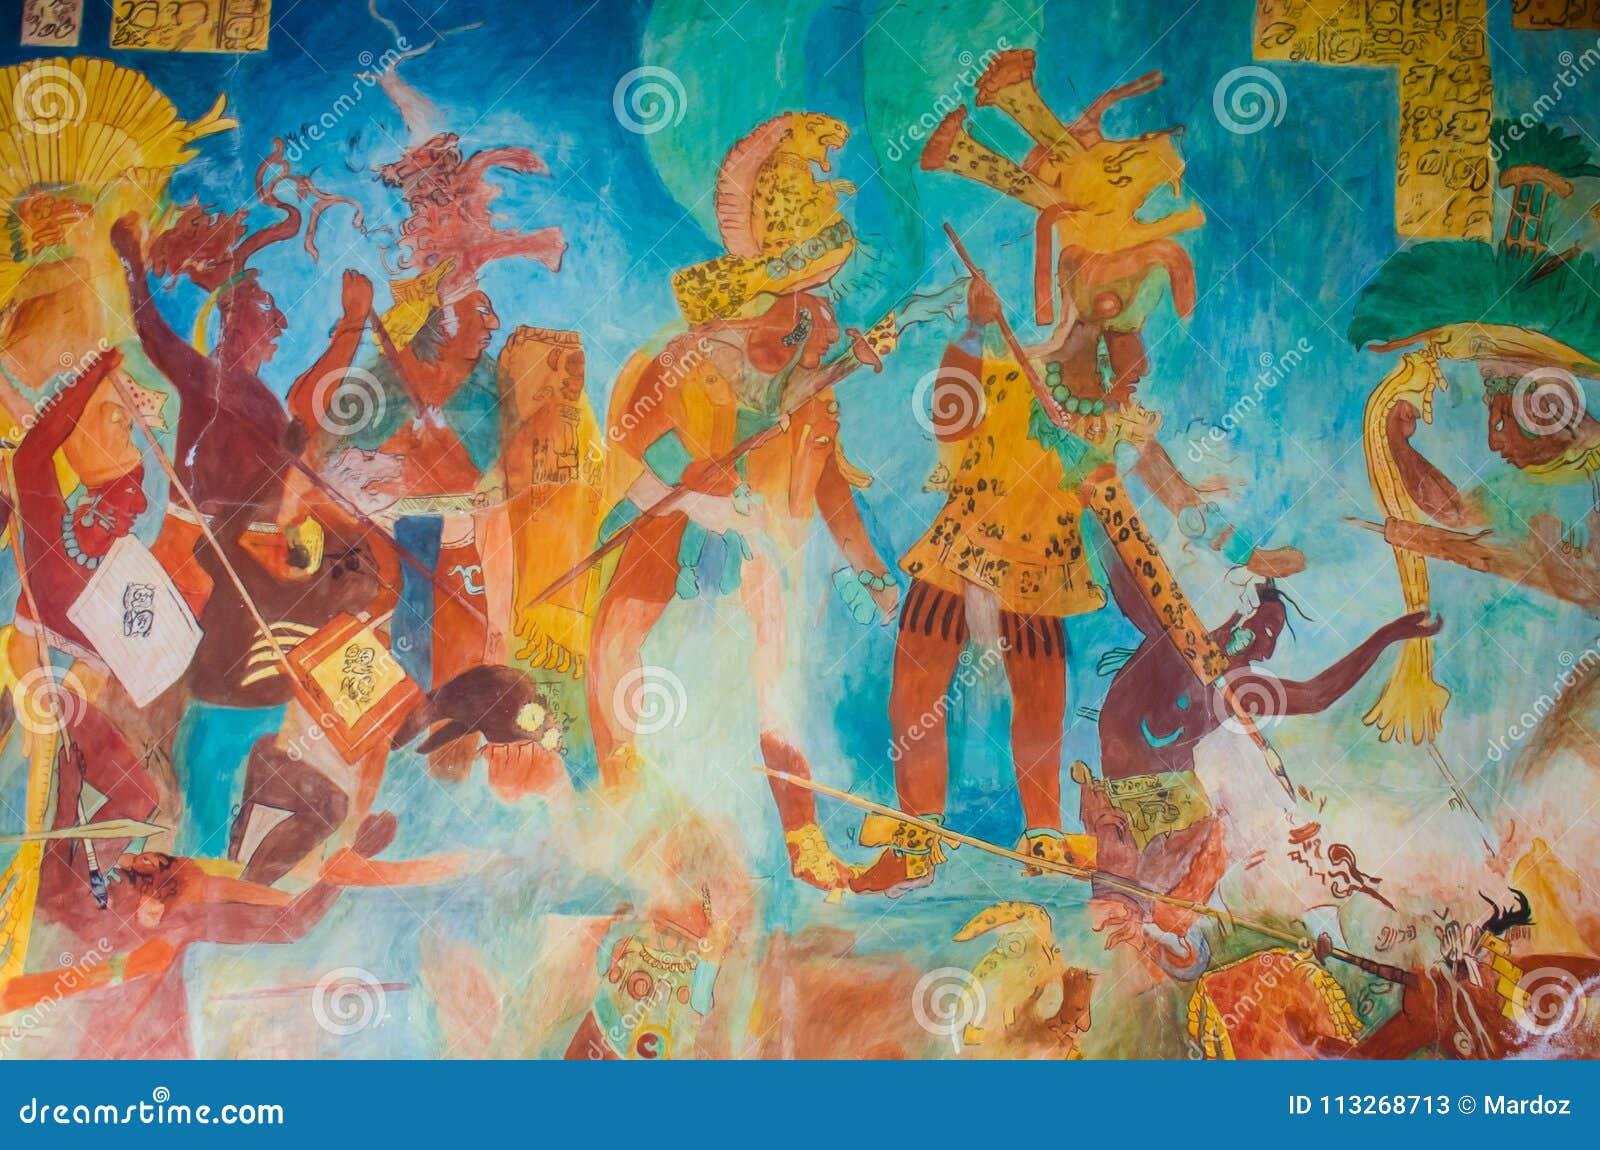 Bonampak Mural Paintings Describing Nobility Stock Image Image Of